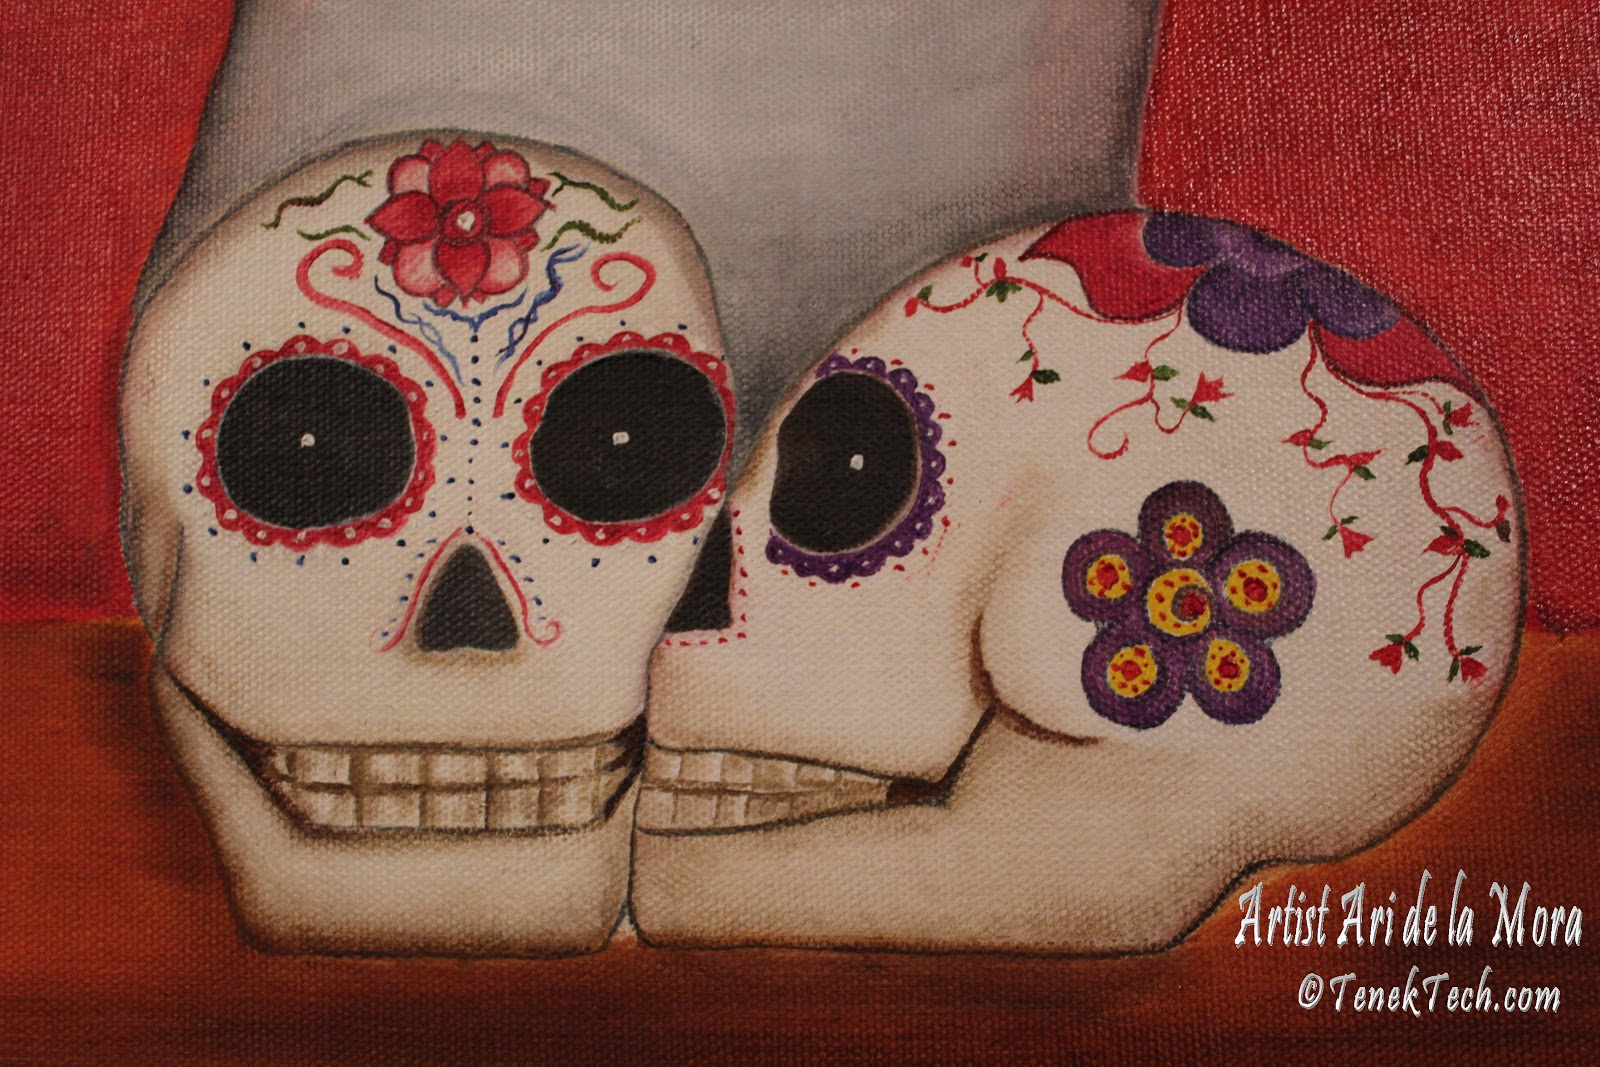 http://2.bp.blogspot.com/-8OzpG6_TGAI/UJbbJJzpJKI/AAAAAAAAClU/O6QEq_BvQLU/s1600/vancouverdayofthedeadvanmusicartexhibitionmusterstudios2012_11_03_9235.JPG